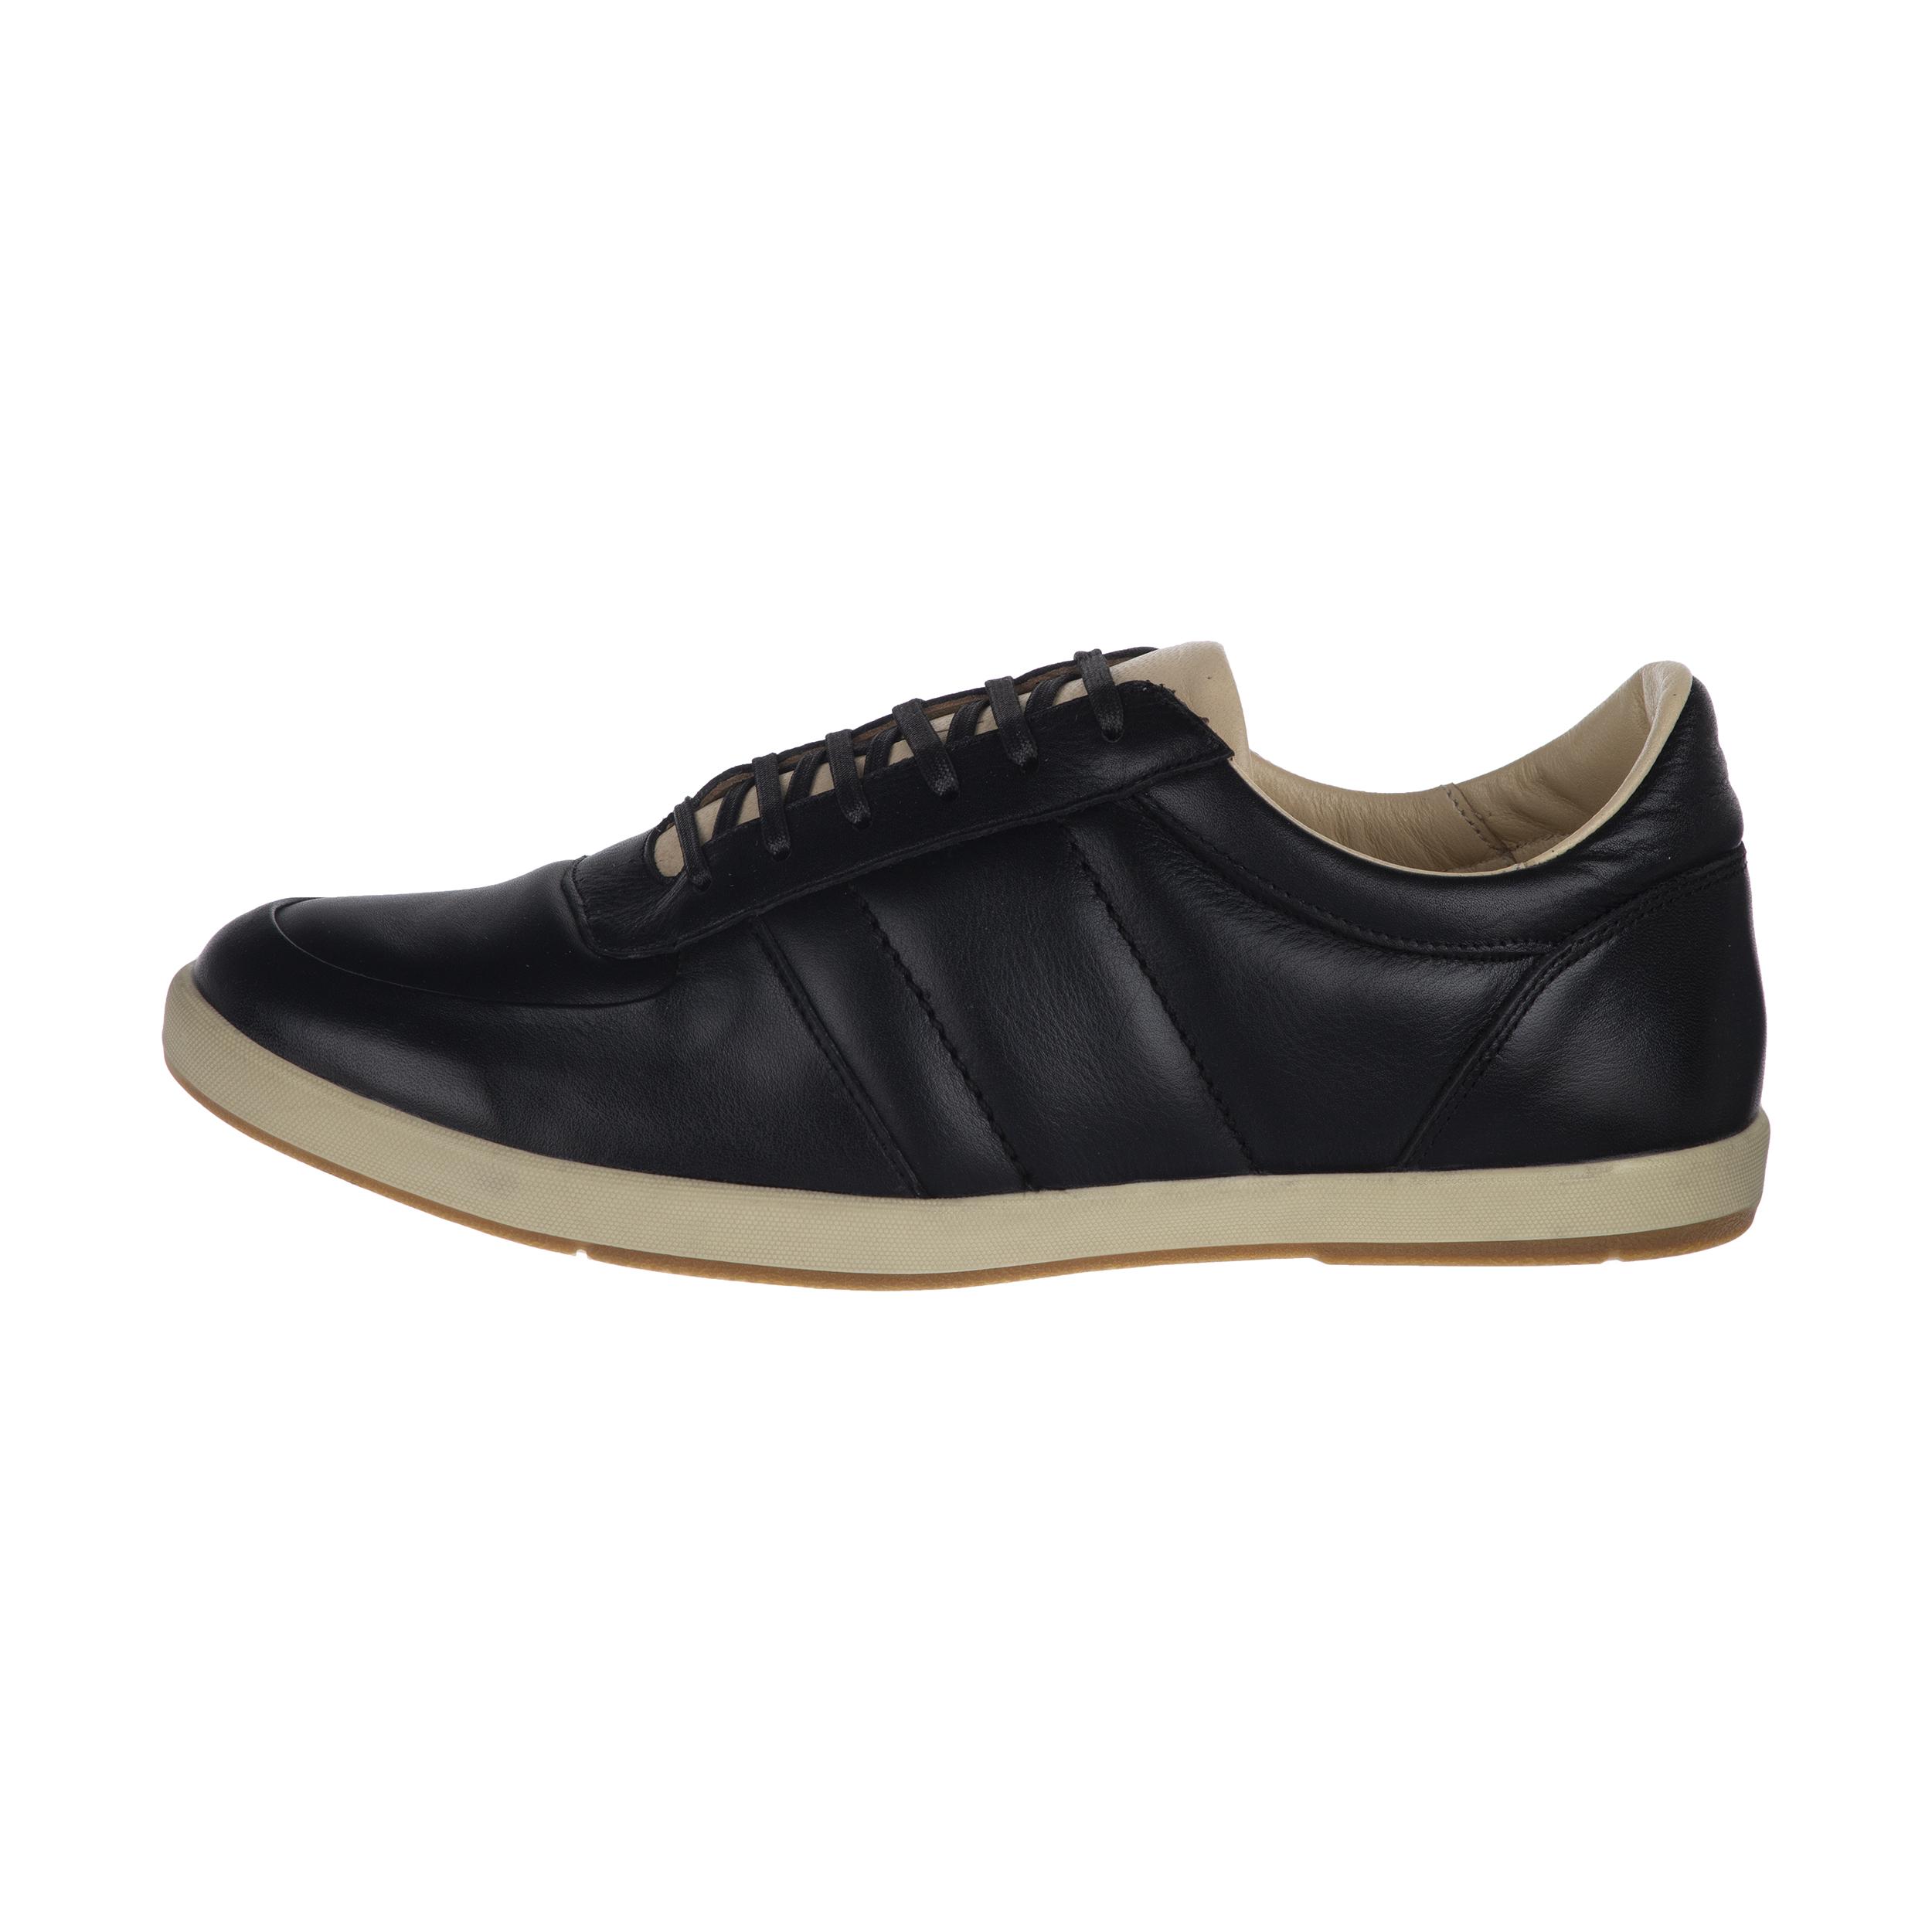 کفش روزمره مردانه دلفارد مدل 8354C503101